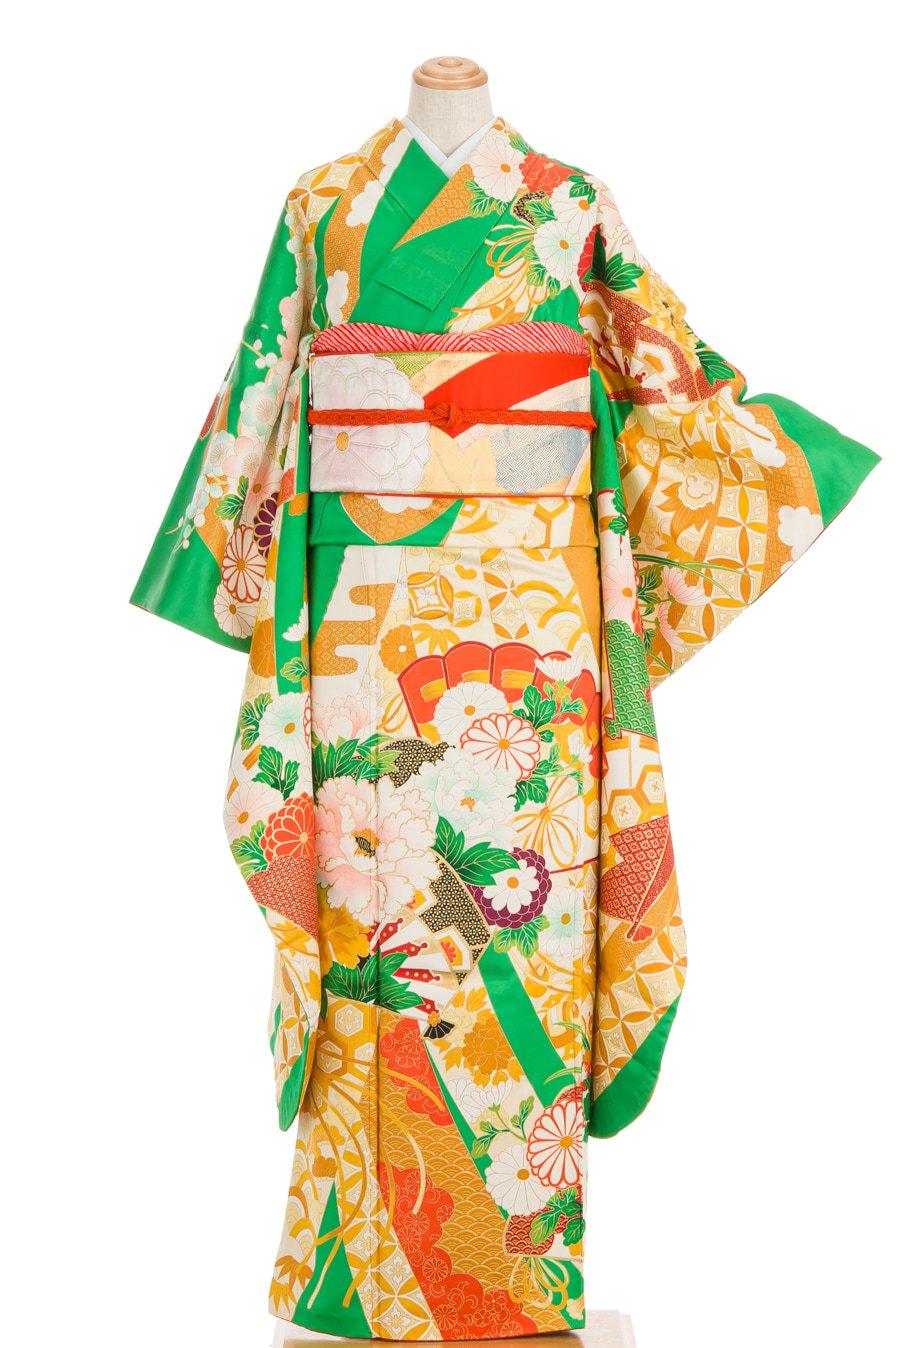 「振袖 花と檜扇 束ね熨斗など」の商品画像